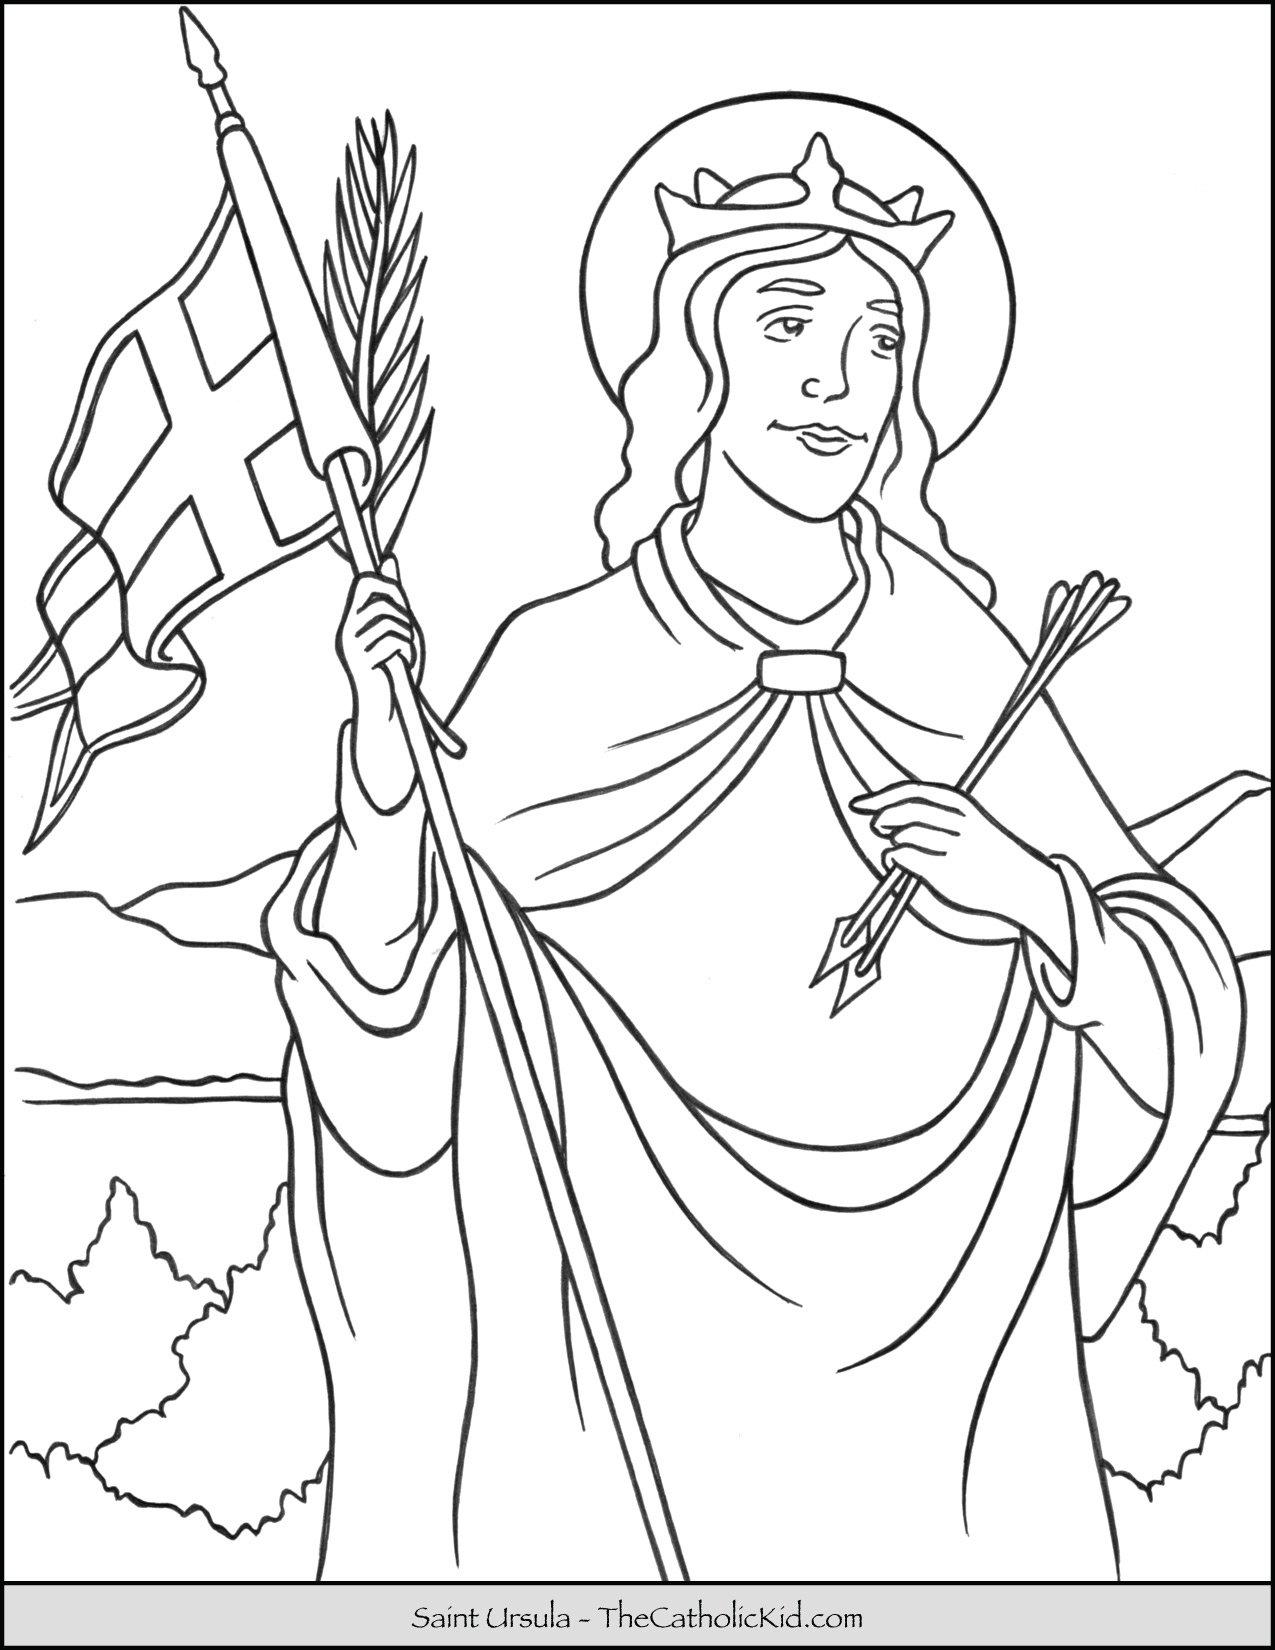 Saint Ursula Coloring Page